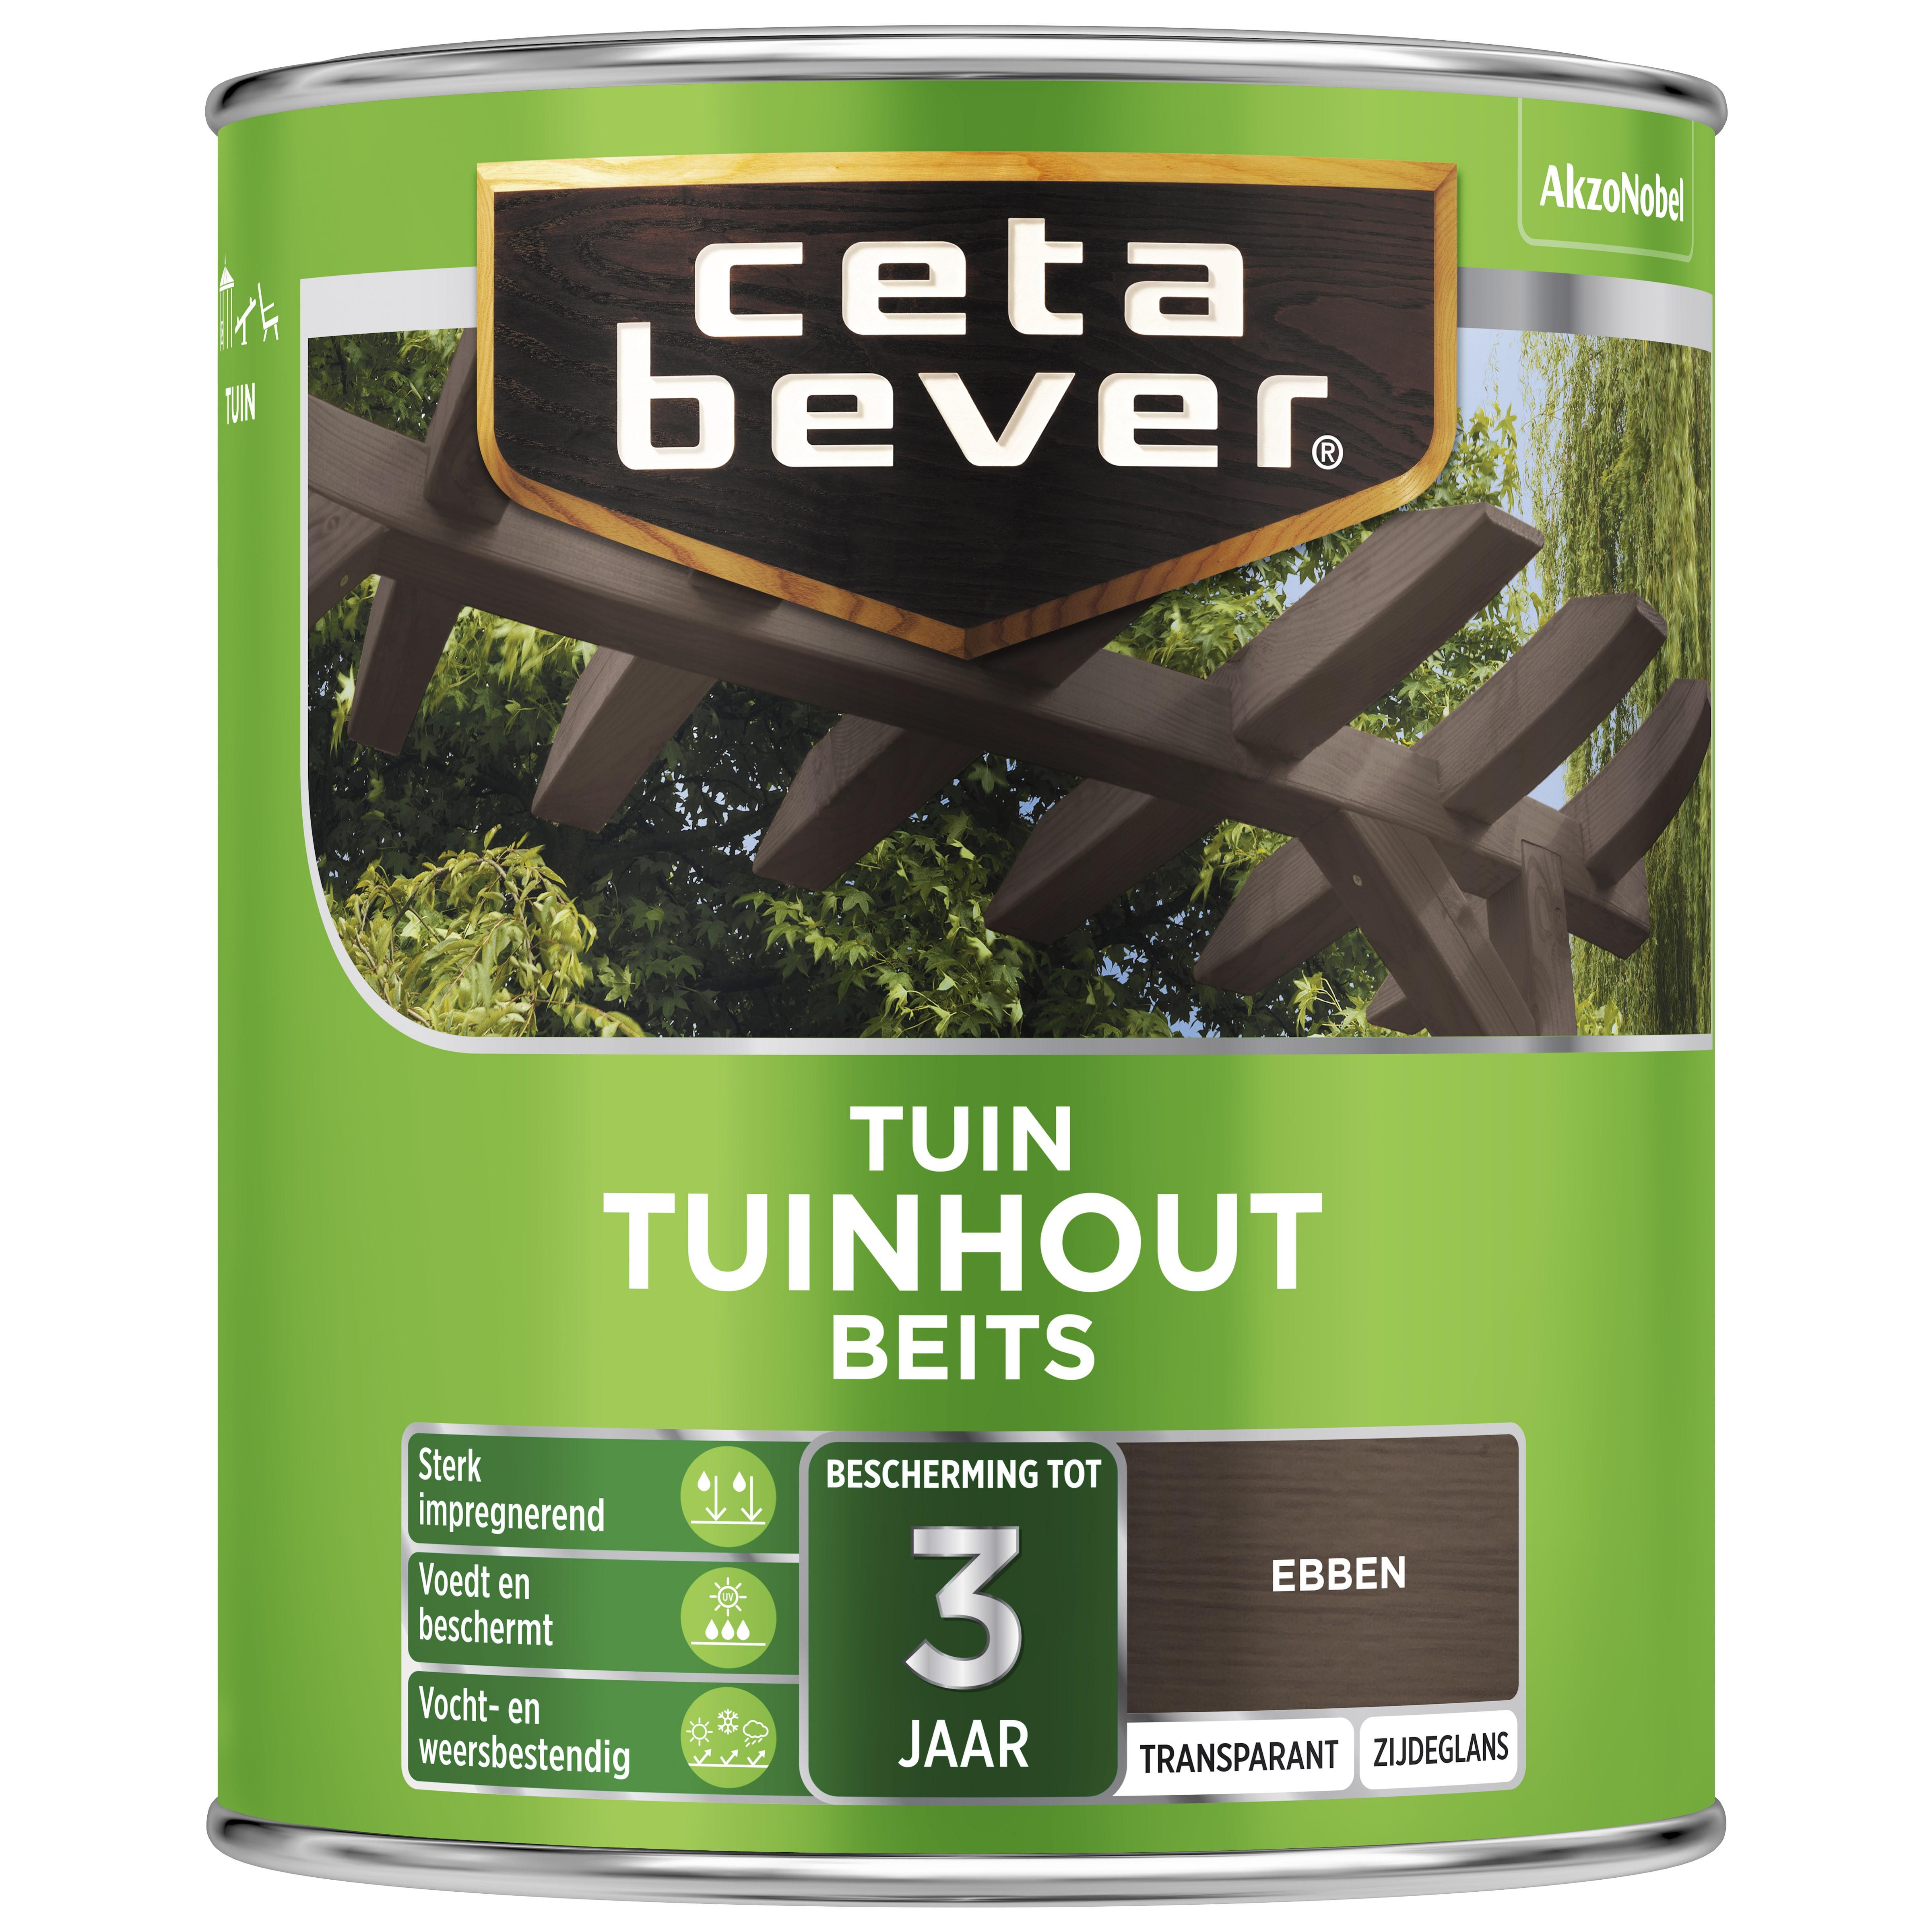 Afbeelding van CetaBever Tuinbeits Transparant 0 75 liter ebben 035